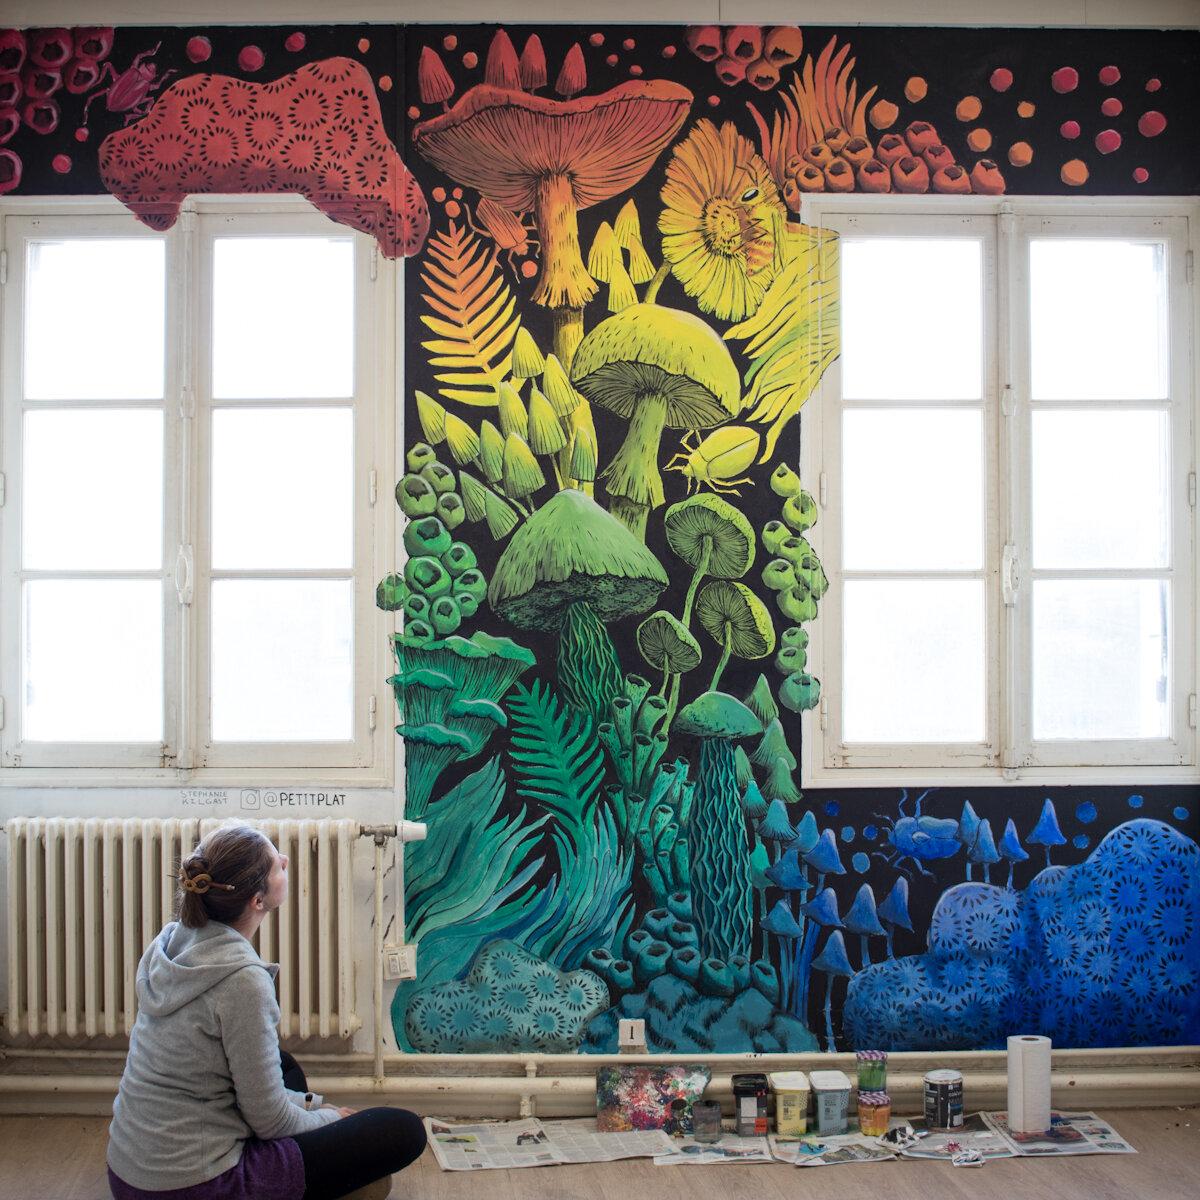 壁画,代代尔,瓦讷,斯特凡妮·基尔加斯特